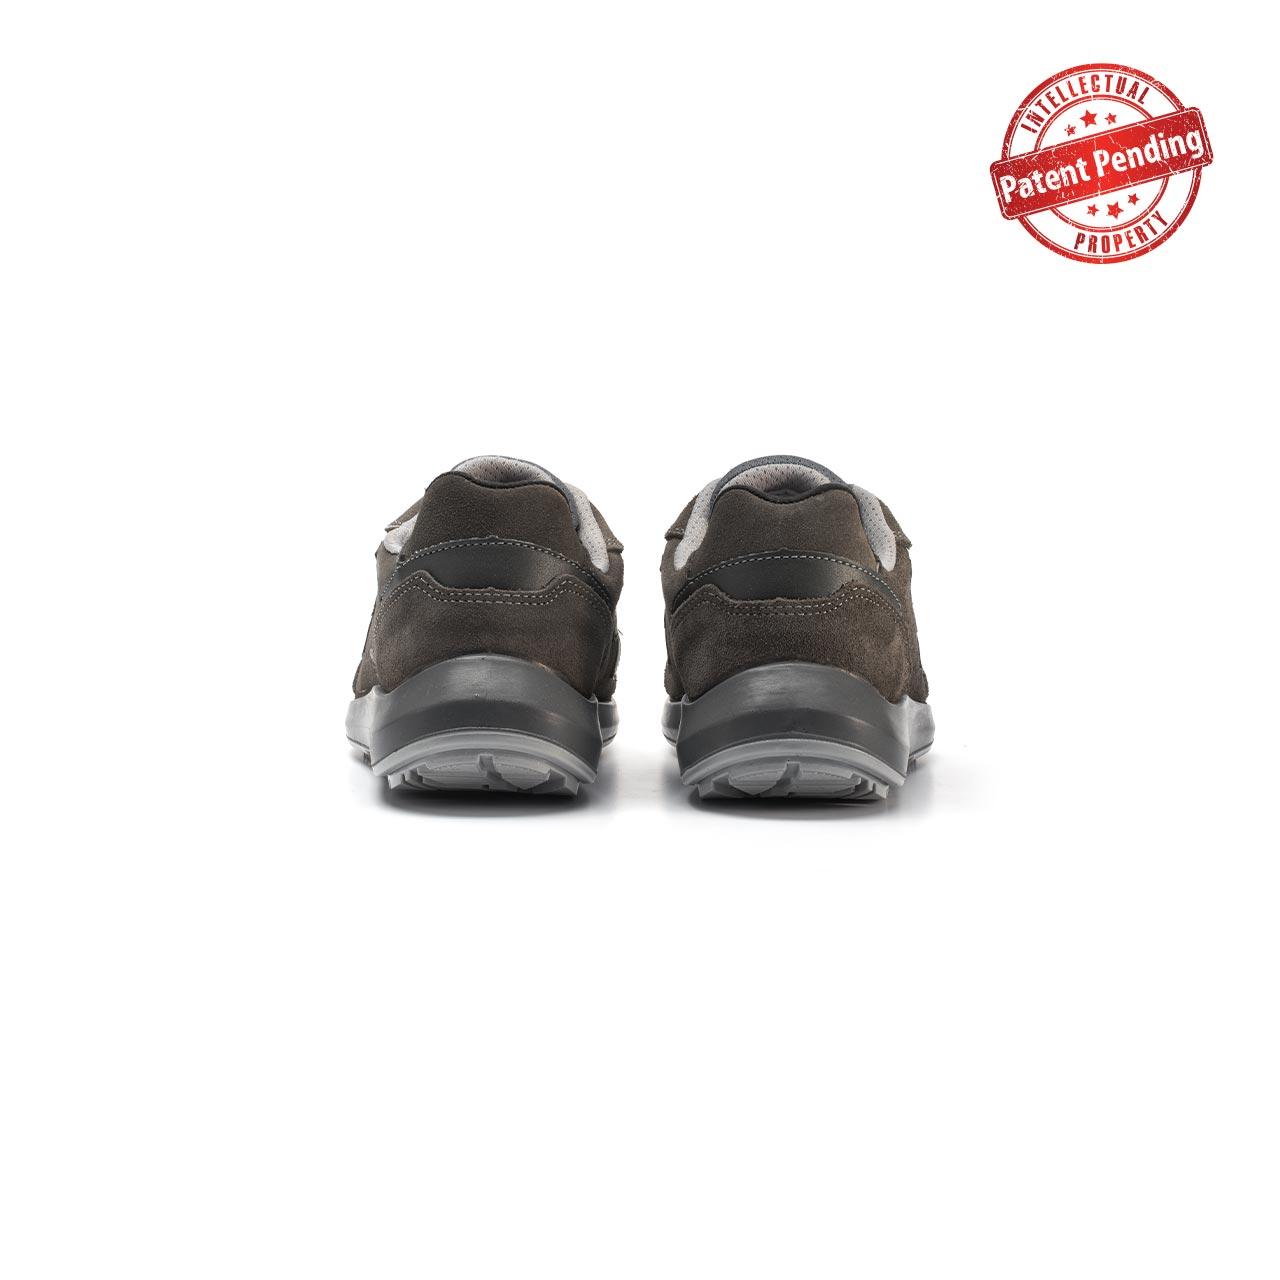 paio di scarpe antinfortunistiche upower modello rigel linea redup vista retro